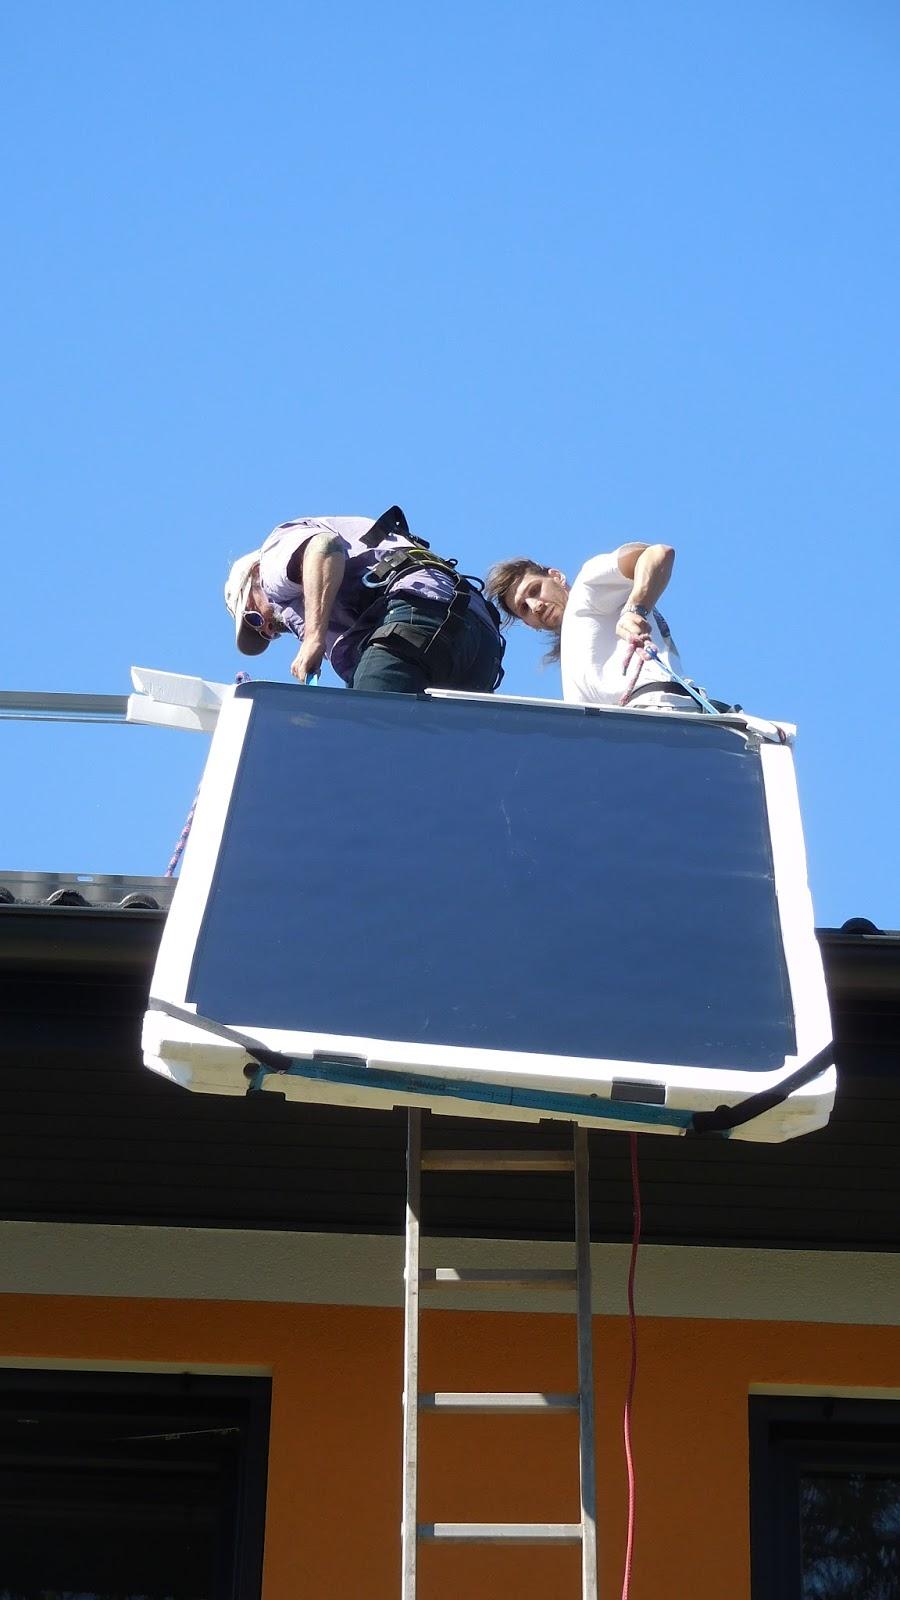 dachrinne reinigen ohne leiter dachrinnen express dachrinne reinigen ohne leiter nebenkosten f. Black Bedroom Furniture Sets. Home Design Ideas